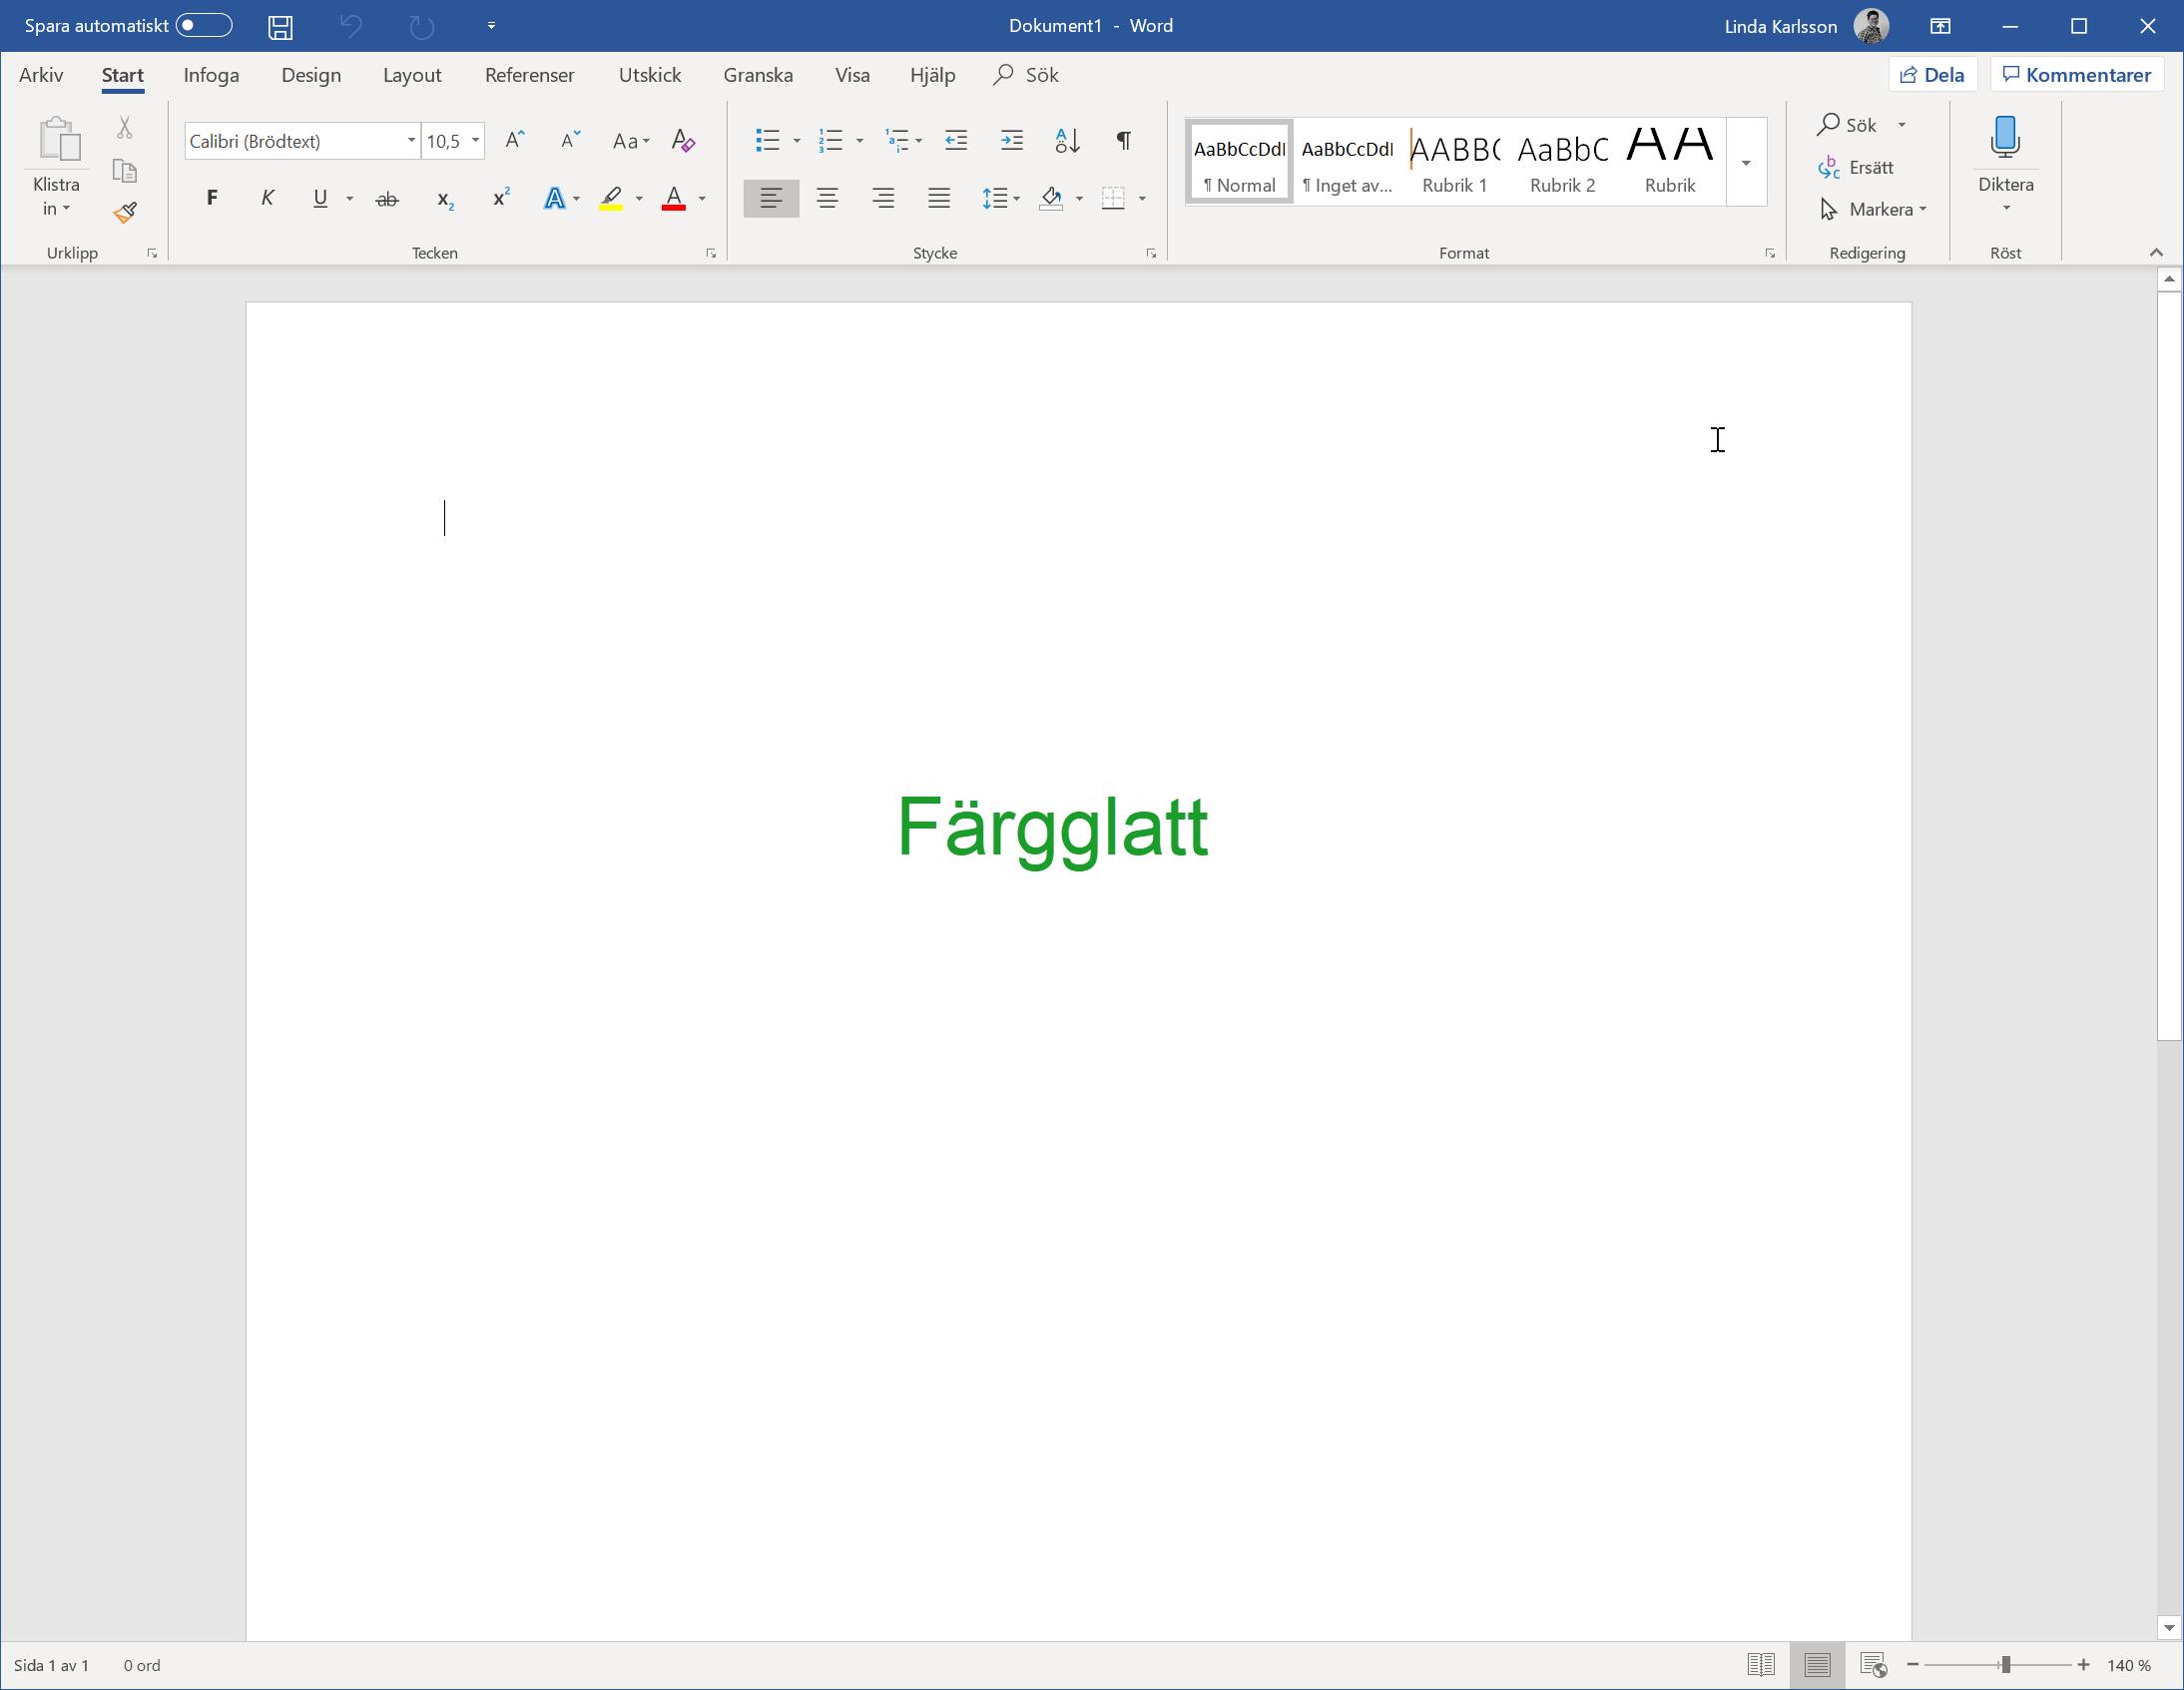 Temat Färgglatt i Microsoft Office 2019